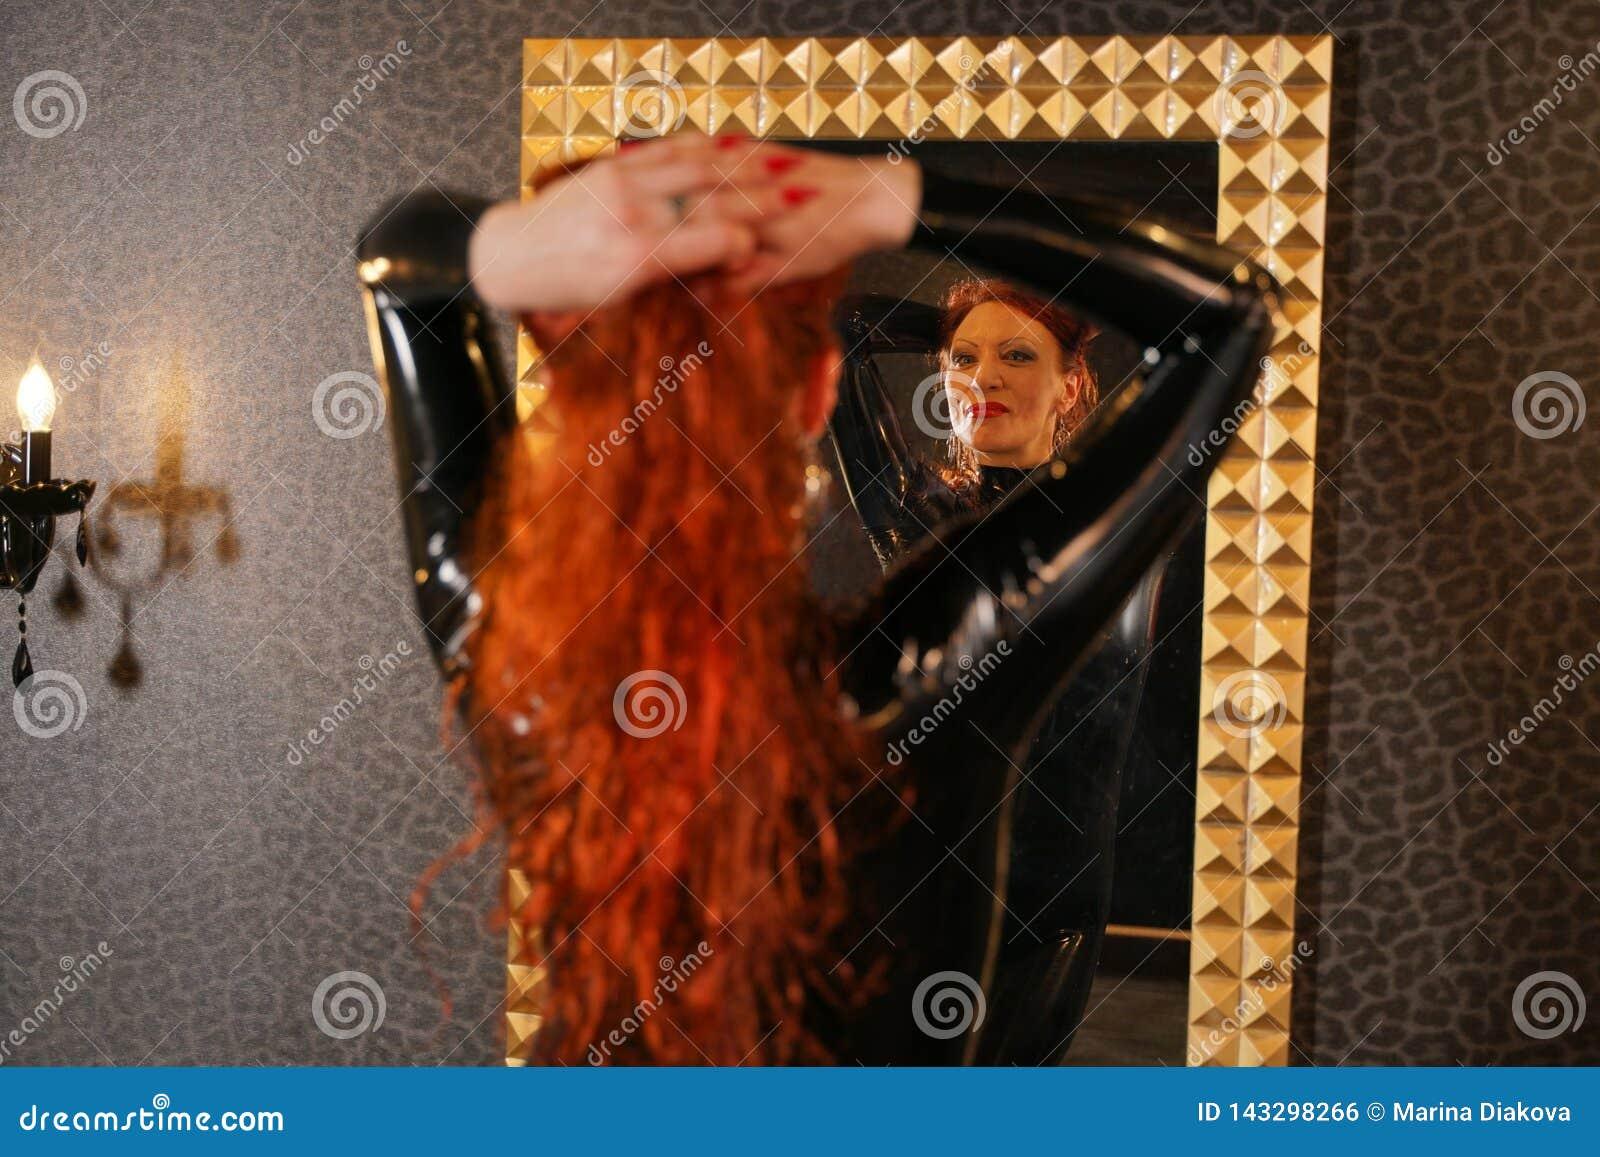 佩带黑乳汁橡胶catsuit和看镜子的性迷信红头发人妇女在暗室